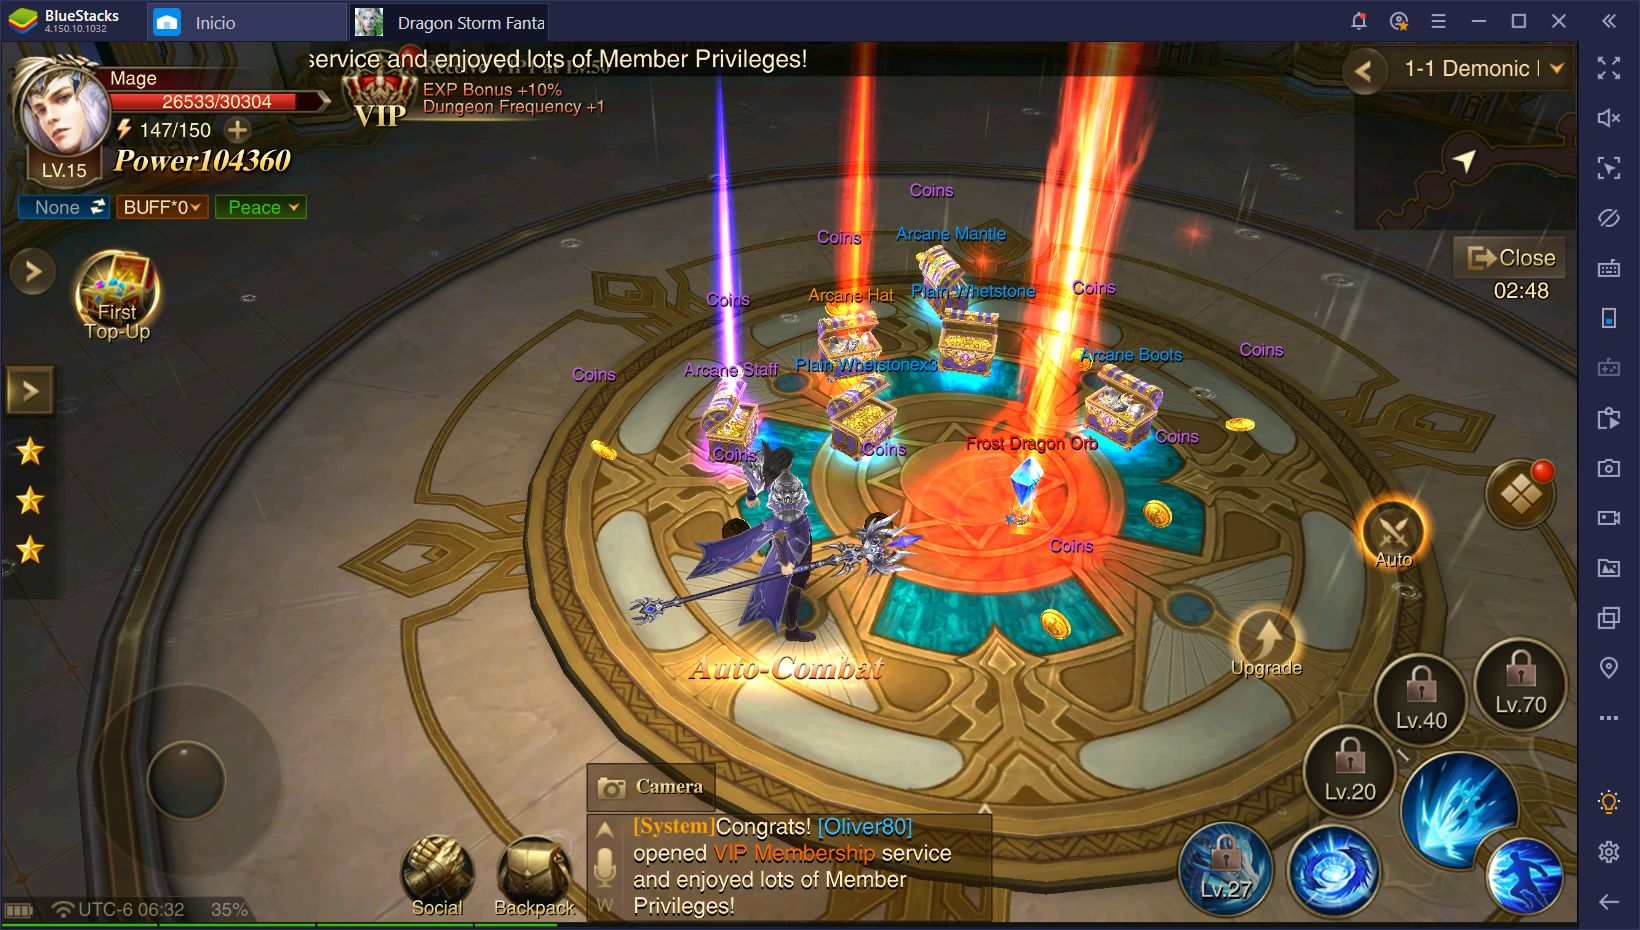 Dragon Storm Fantasy en PC - Libera a tu Dragón Interno con BlueStacks